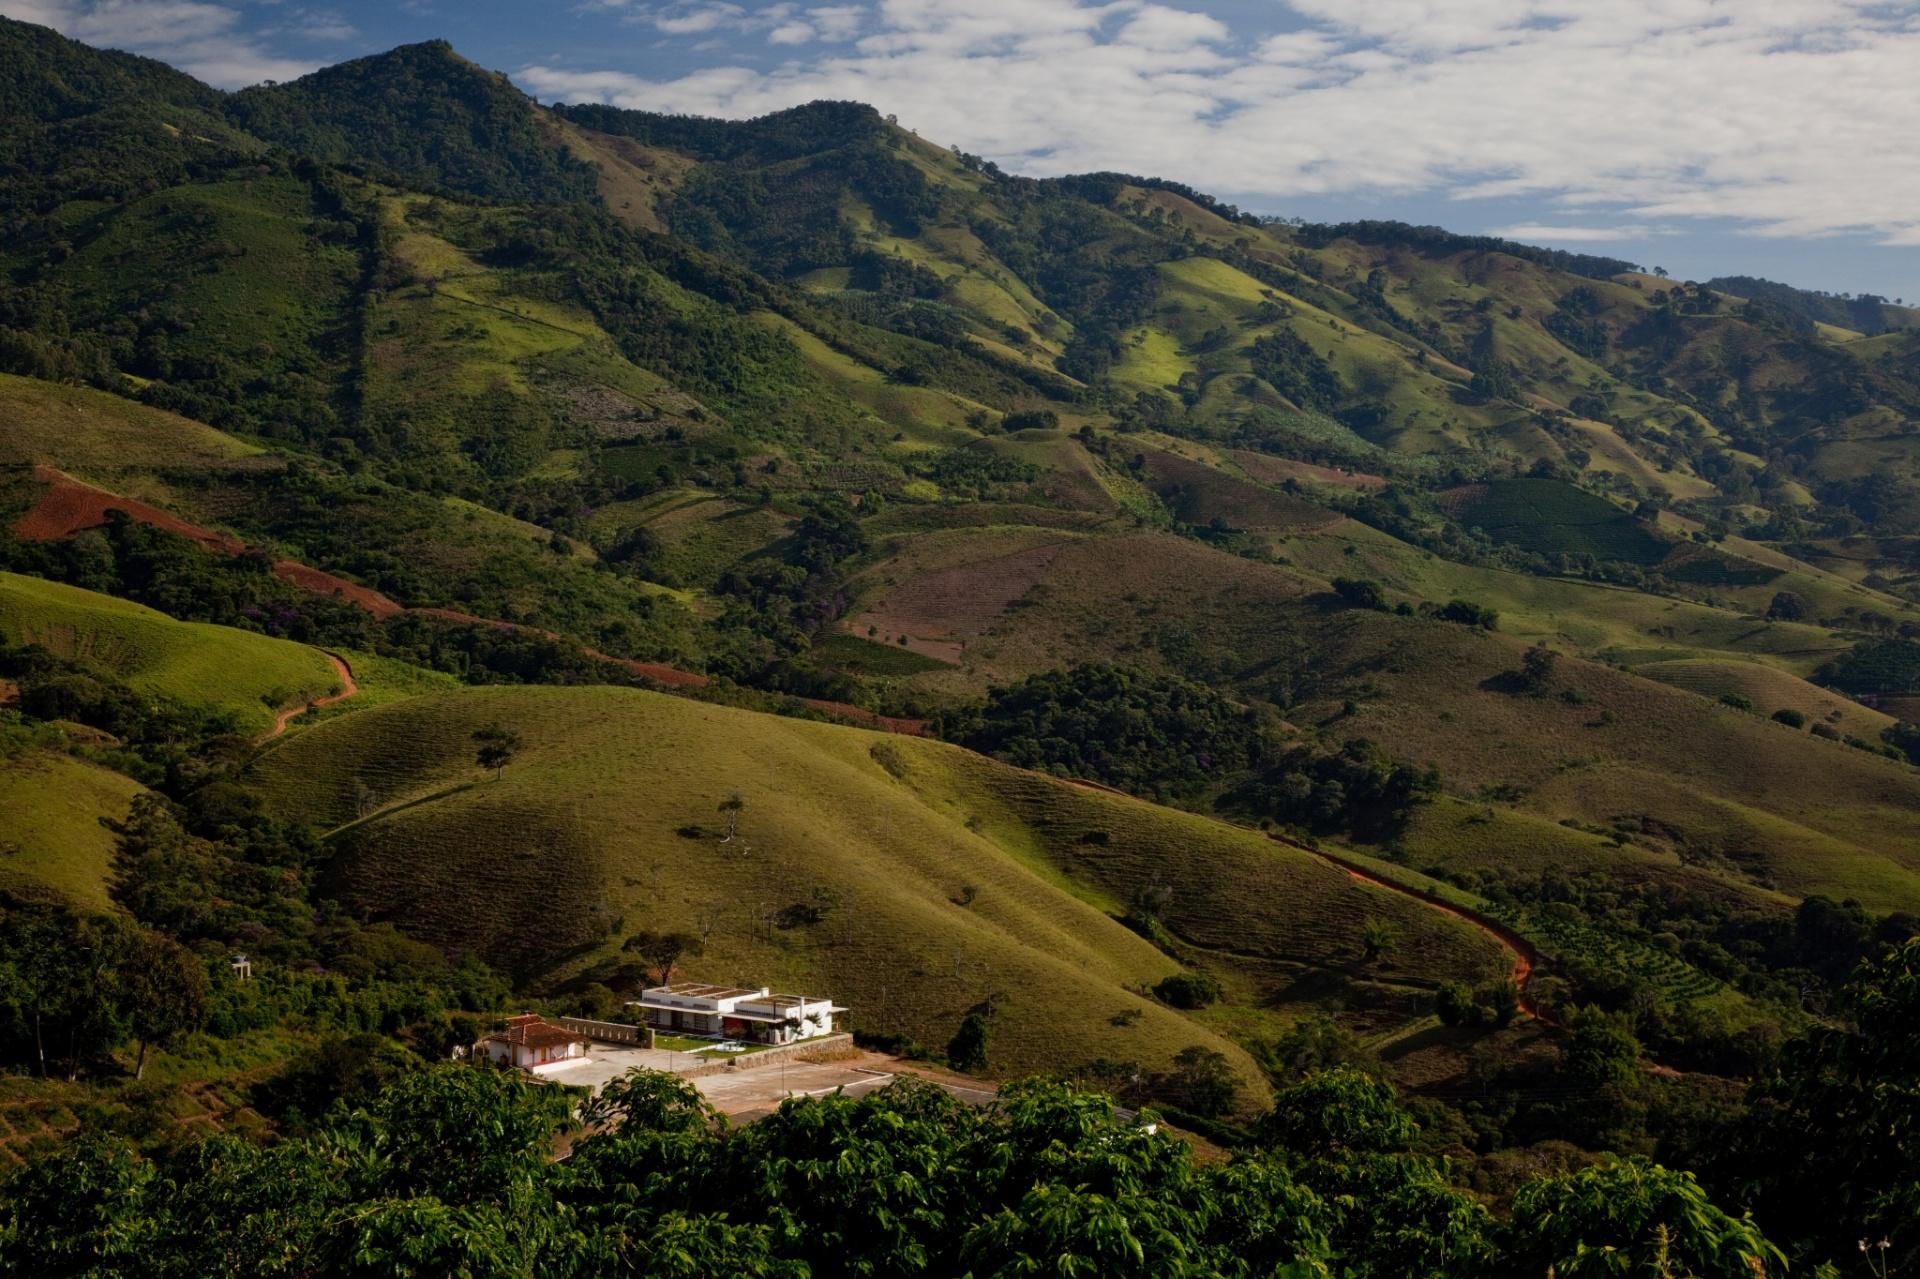 A paisagem montanhosa domina o cenário onde está casa Dom Viçoso, projetada pelo arquiteto Marcelo Ferraz. A construção aparece como um pequeno ponto branco em meio ao verde das serras